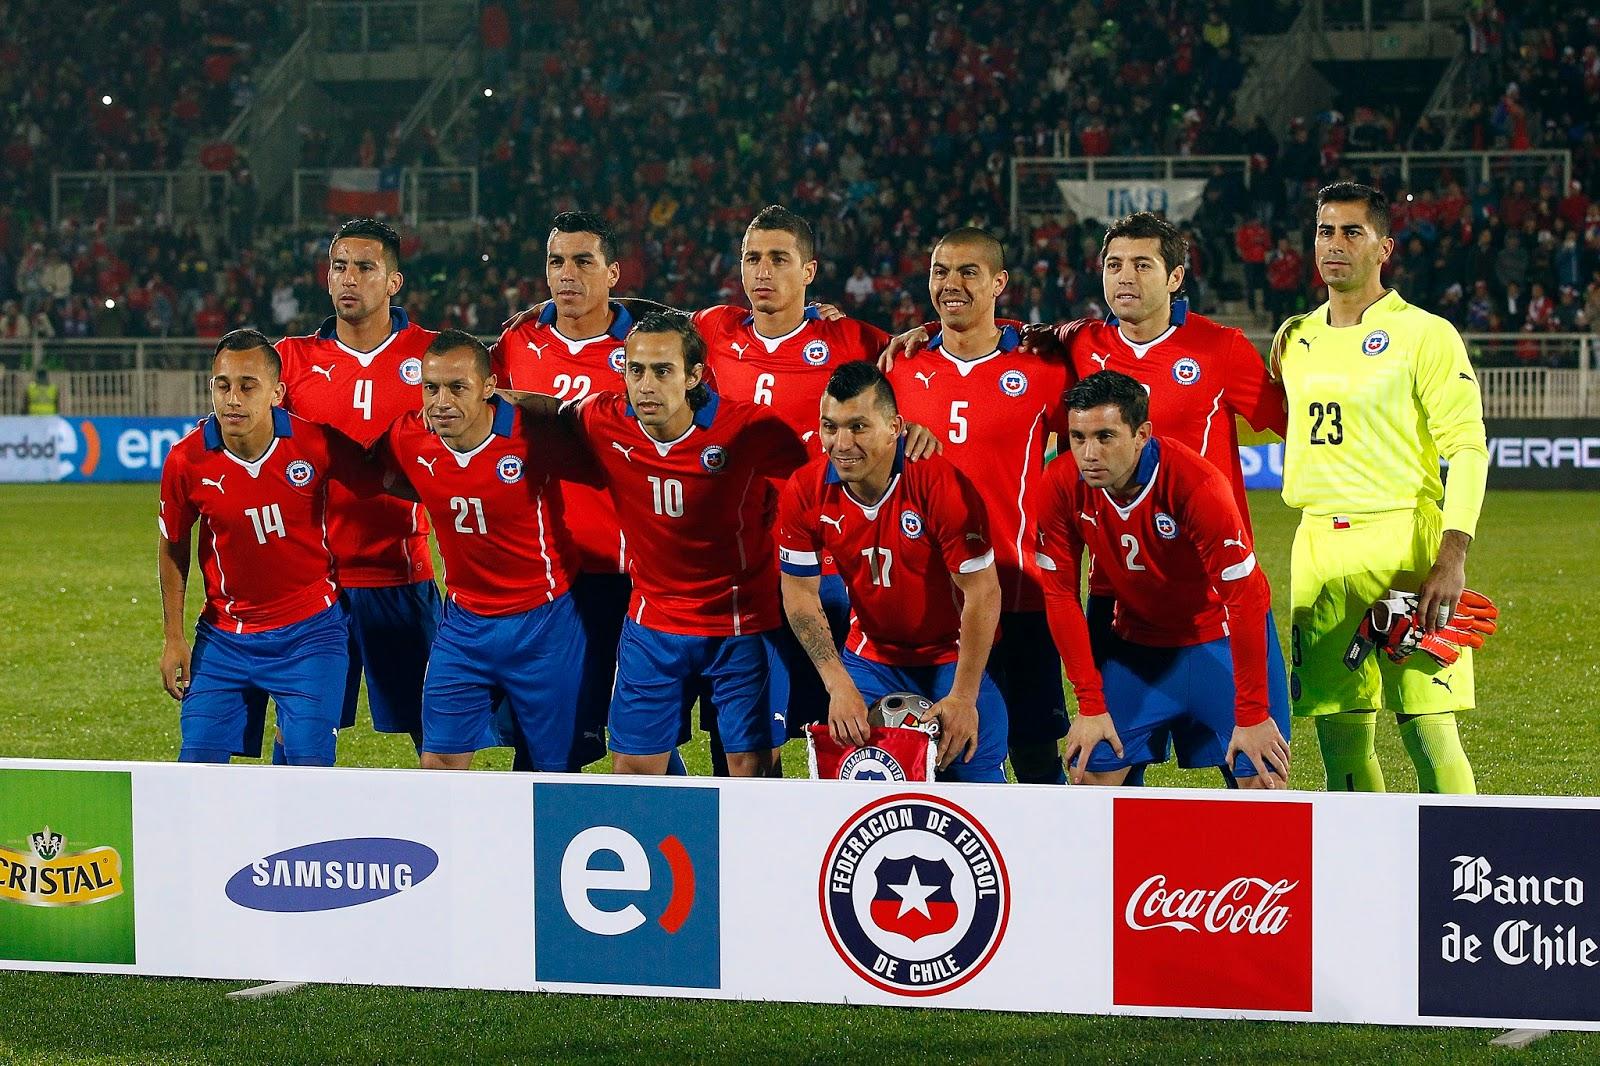 Formación de Chile ante Irlanda del Norte, amistoso disputado el 4 de junio de 2014